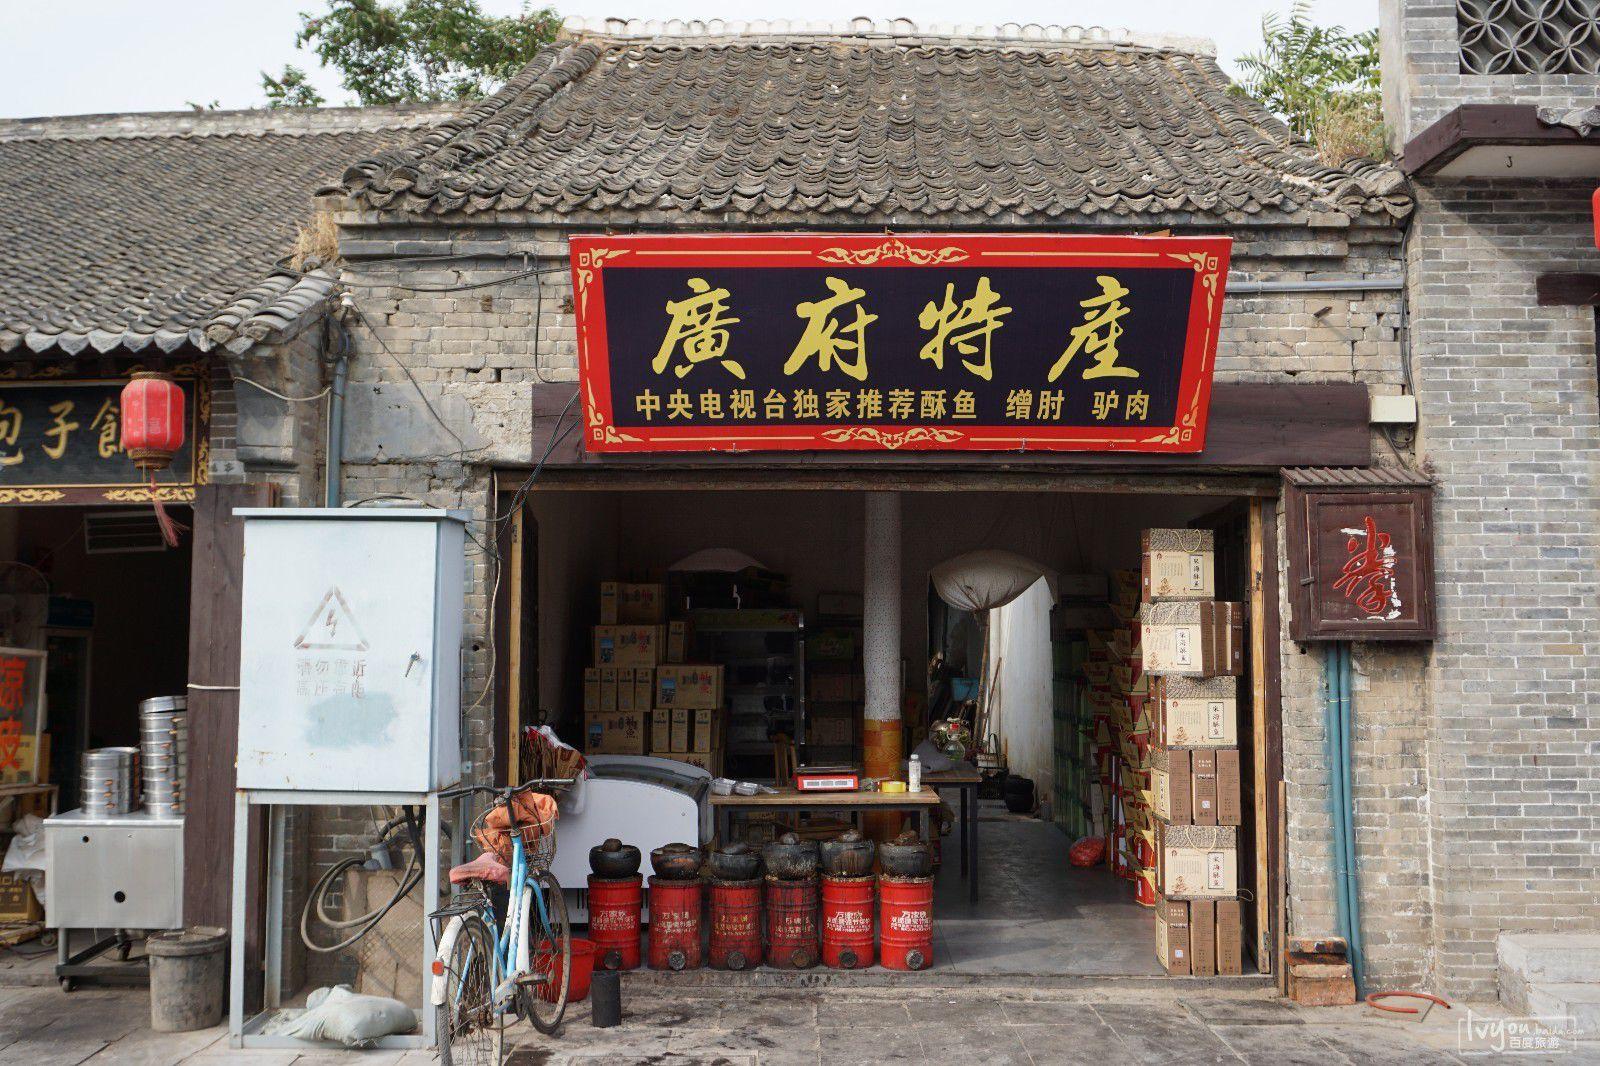 京娘湖<a href=http://www.huaxiacaixun.com/Trave/ target=_blank class=infotextkey>旅游</a>攻略图片10